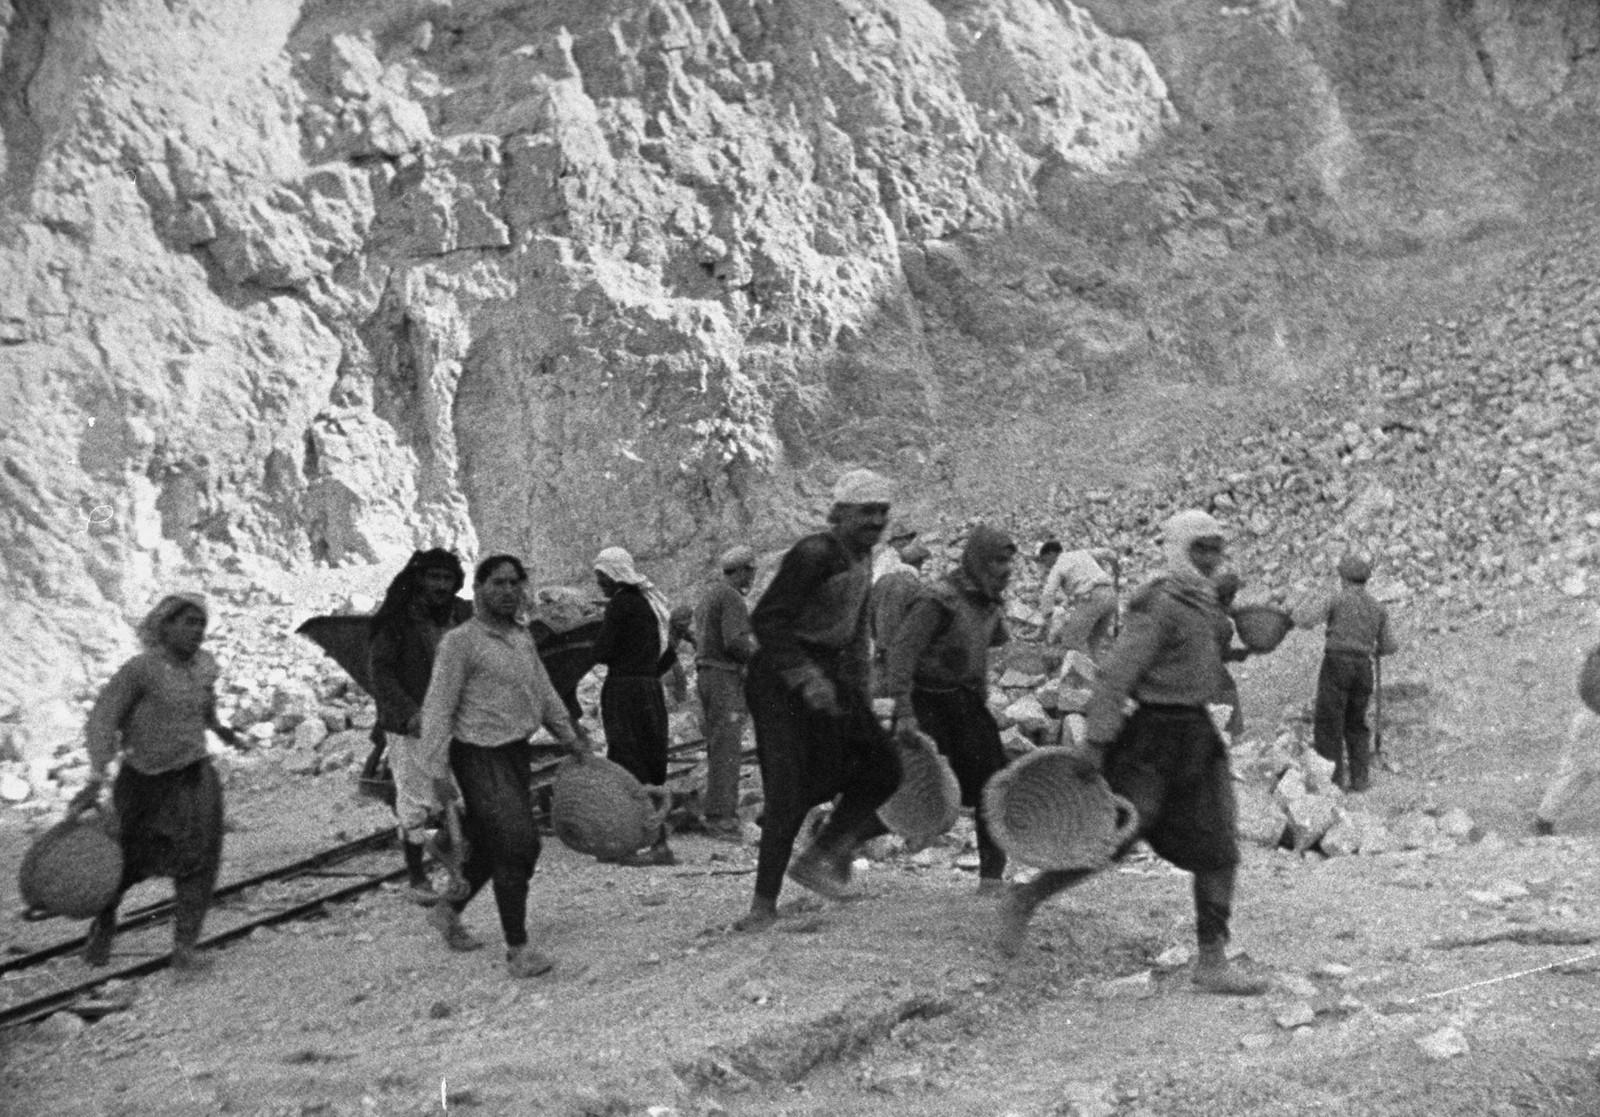 19. 1938. Арабы и евреи работают вместе в каменоломне